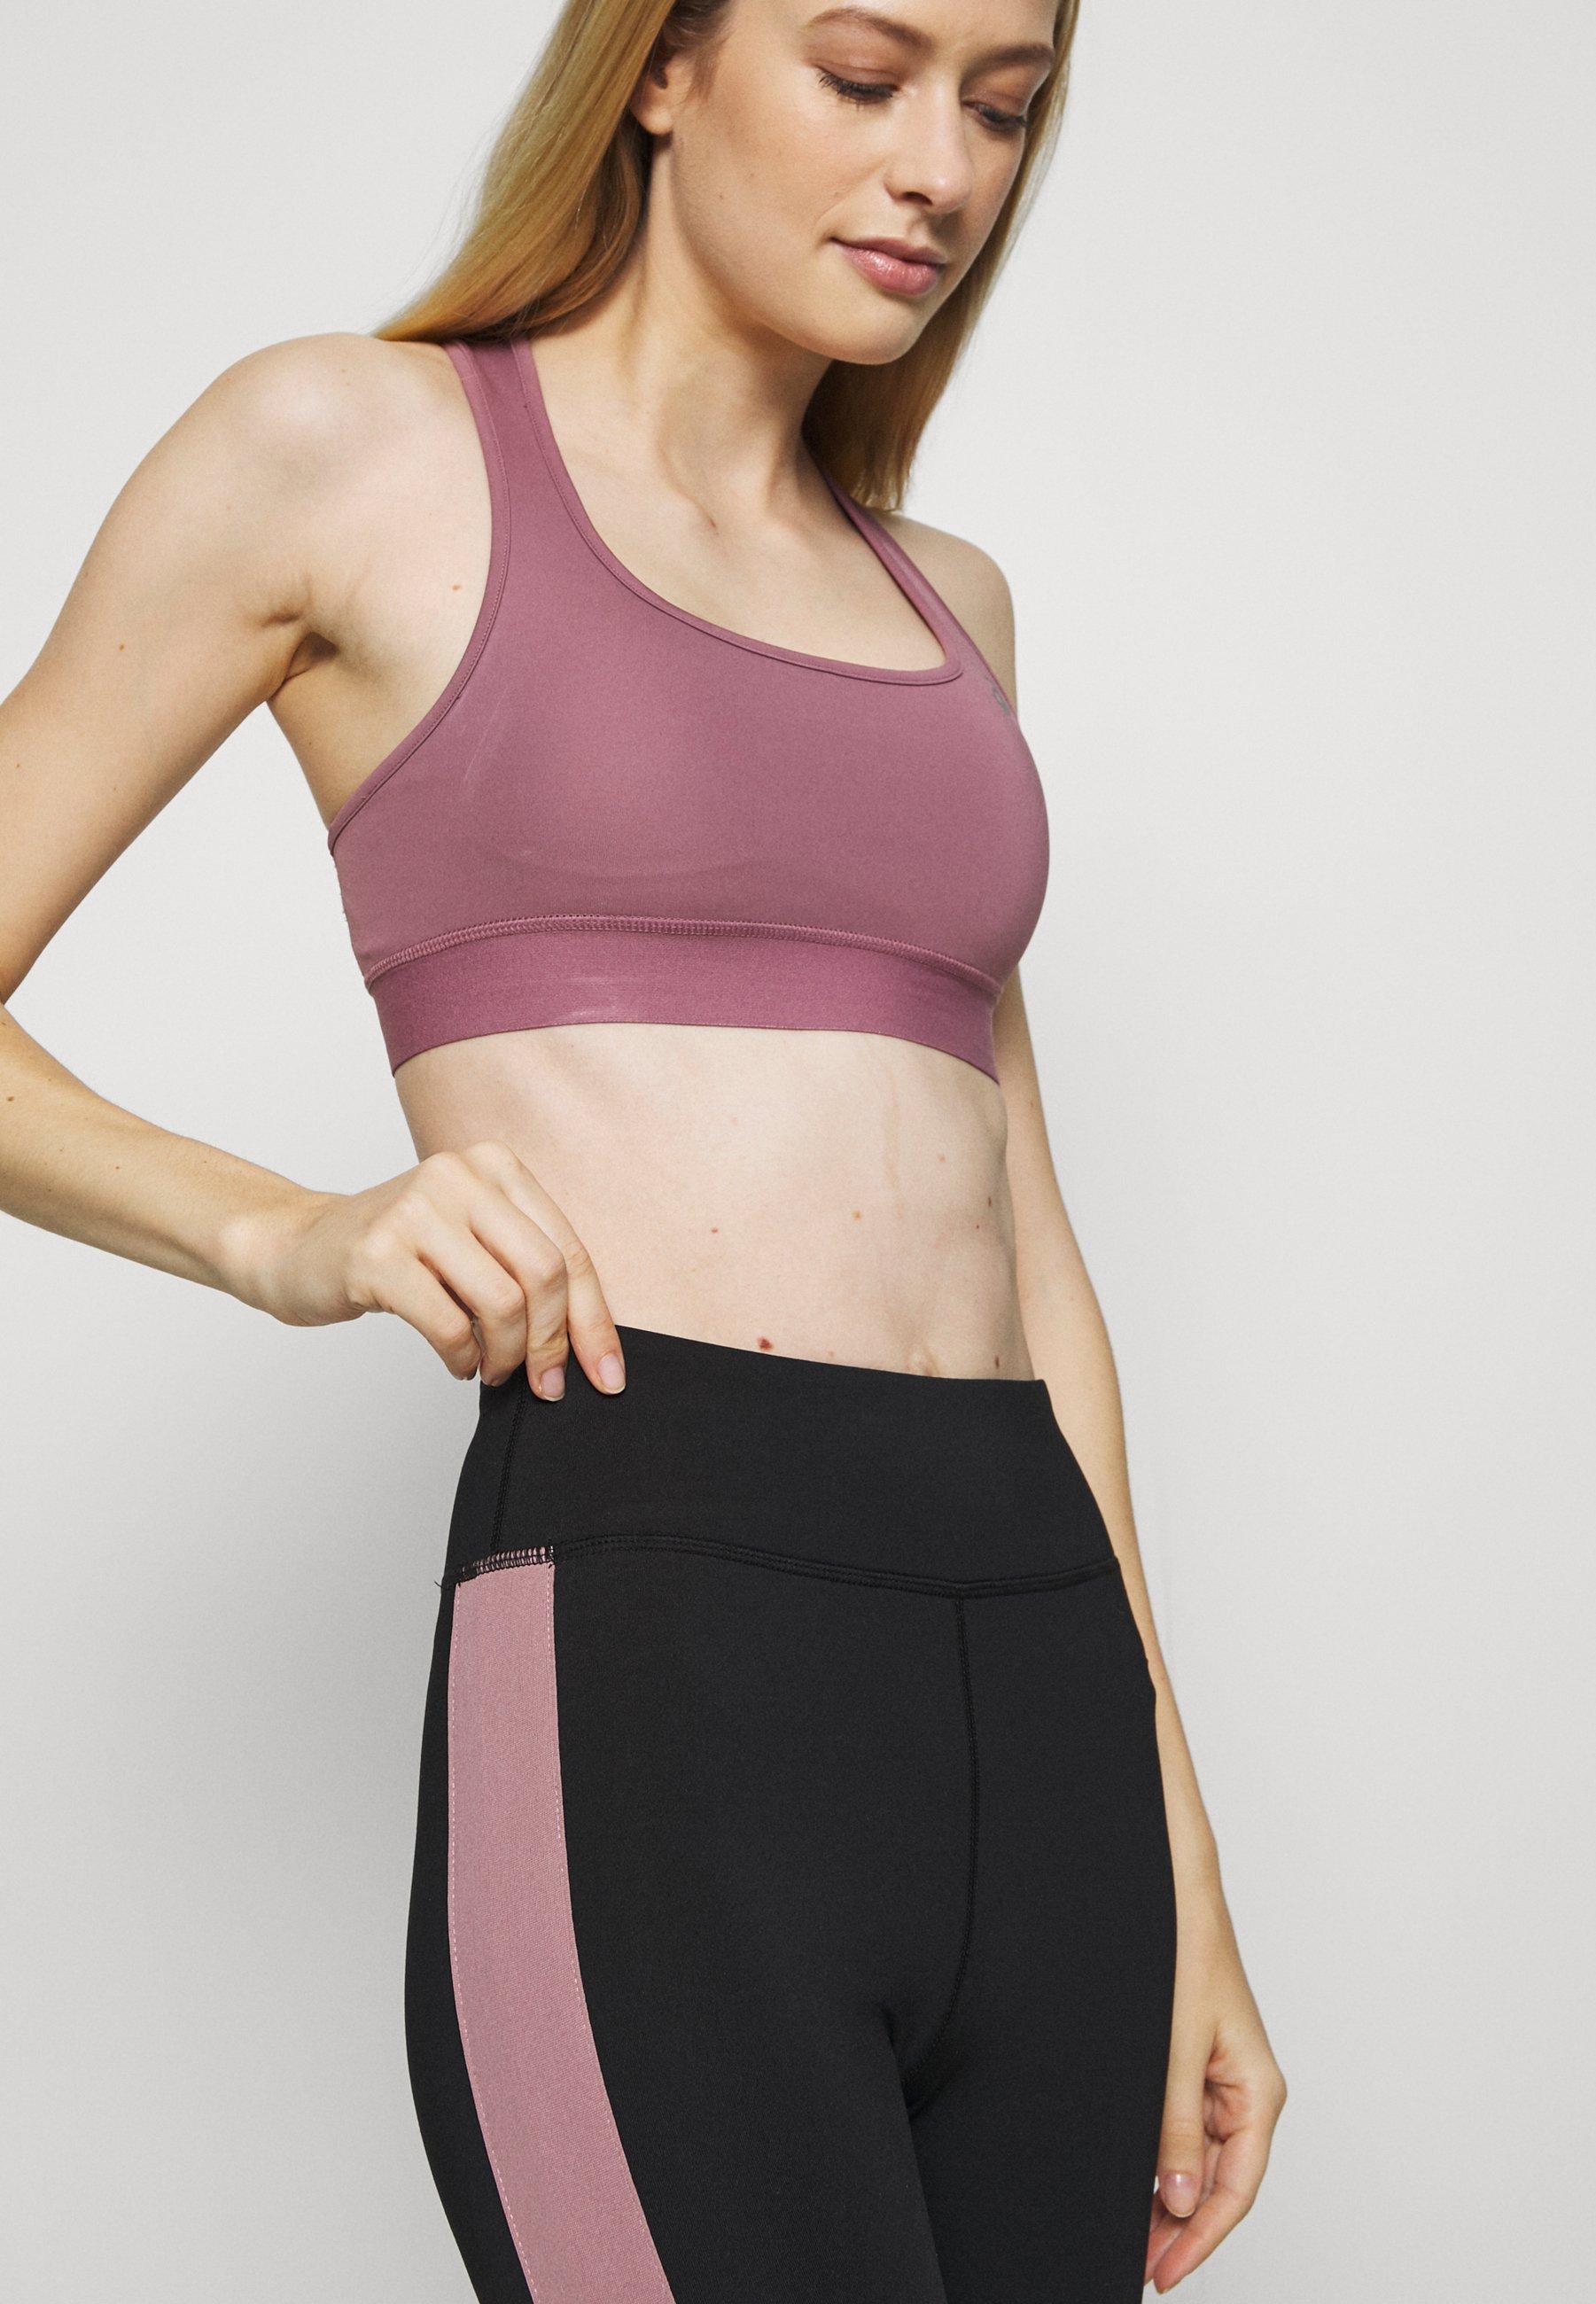 Femme WINTER - BRUSHED INNER MATERIAL - Pantalon 3/4 de sport